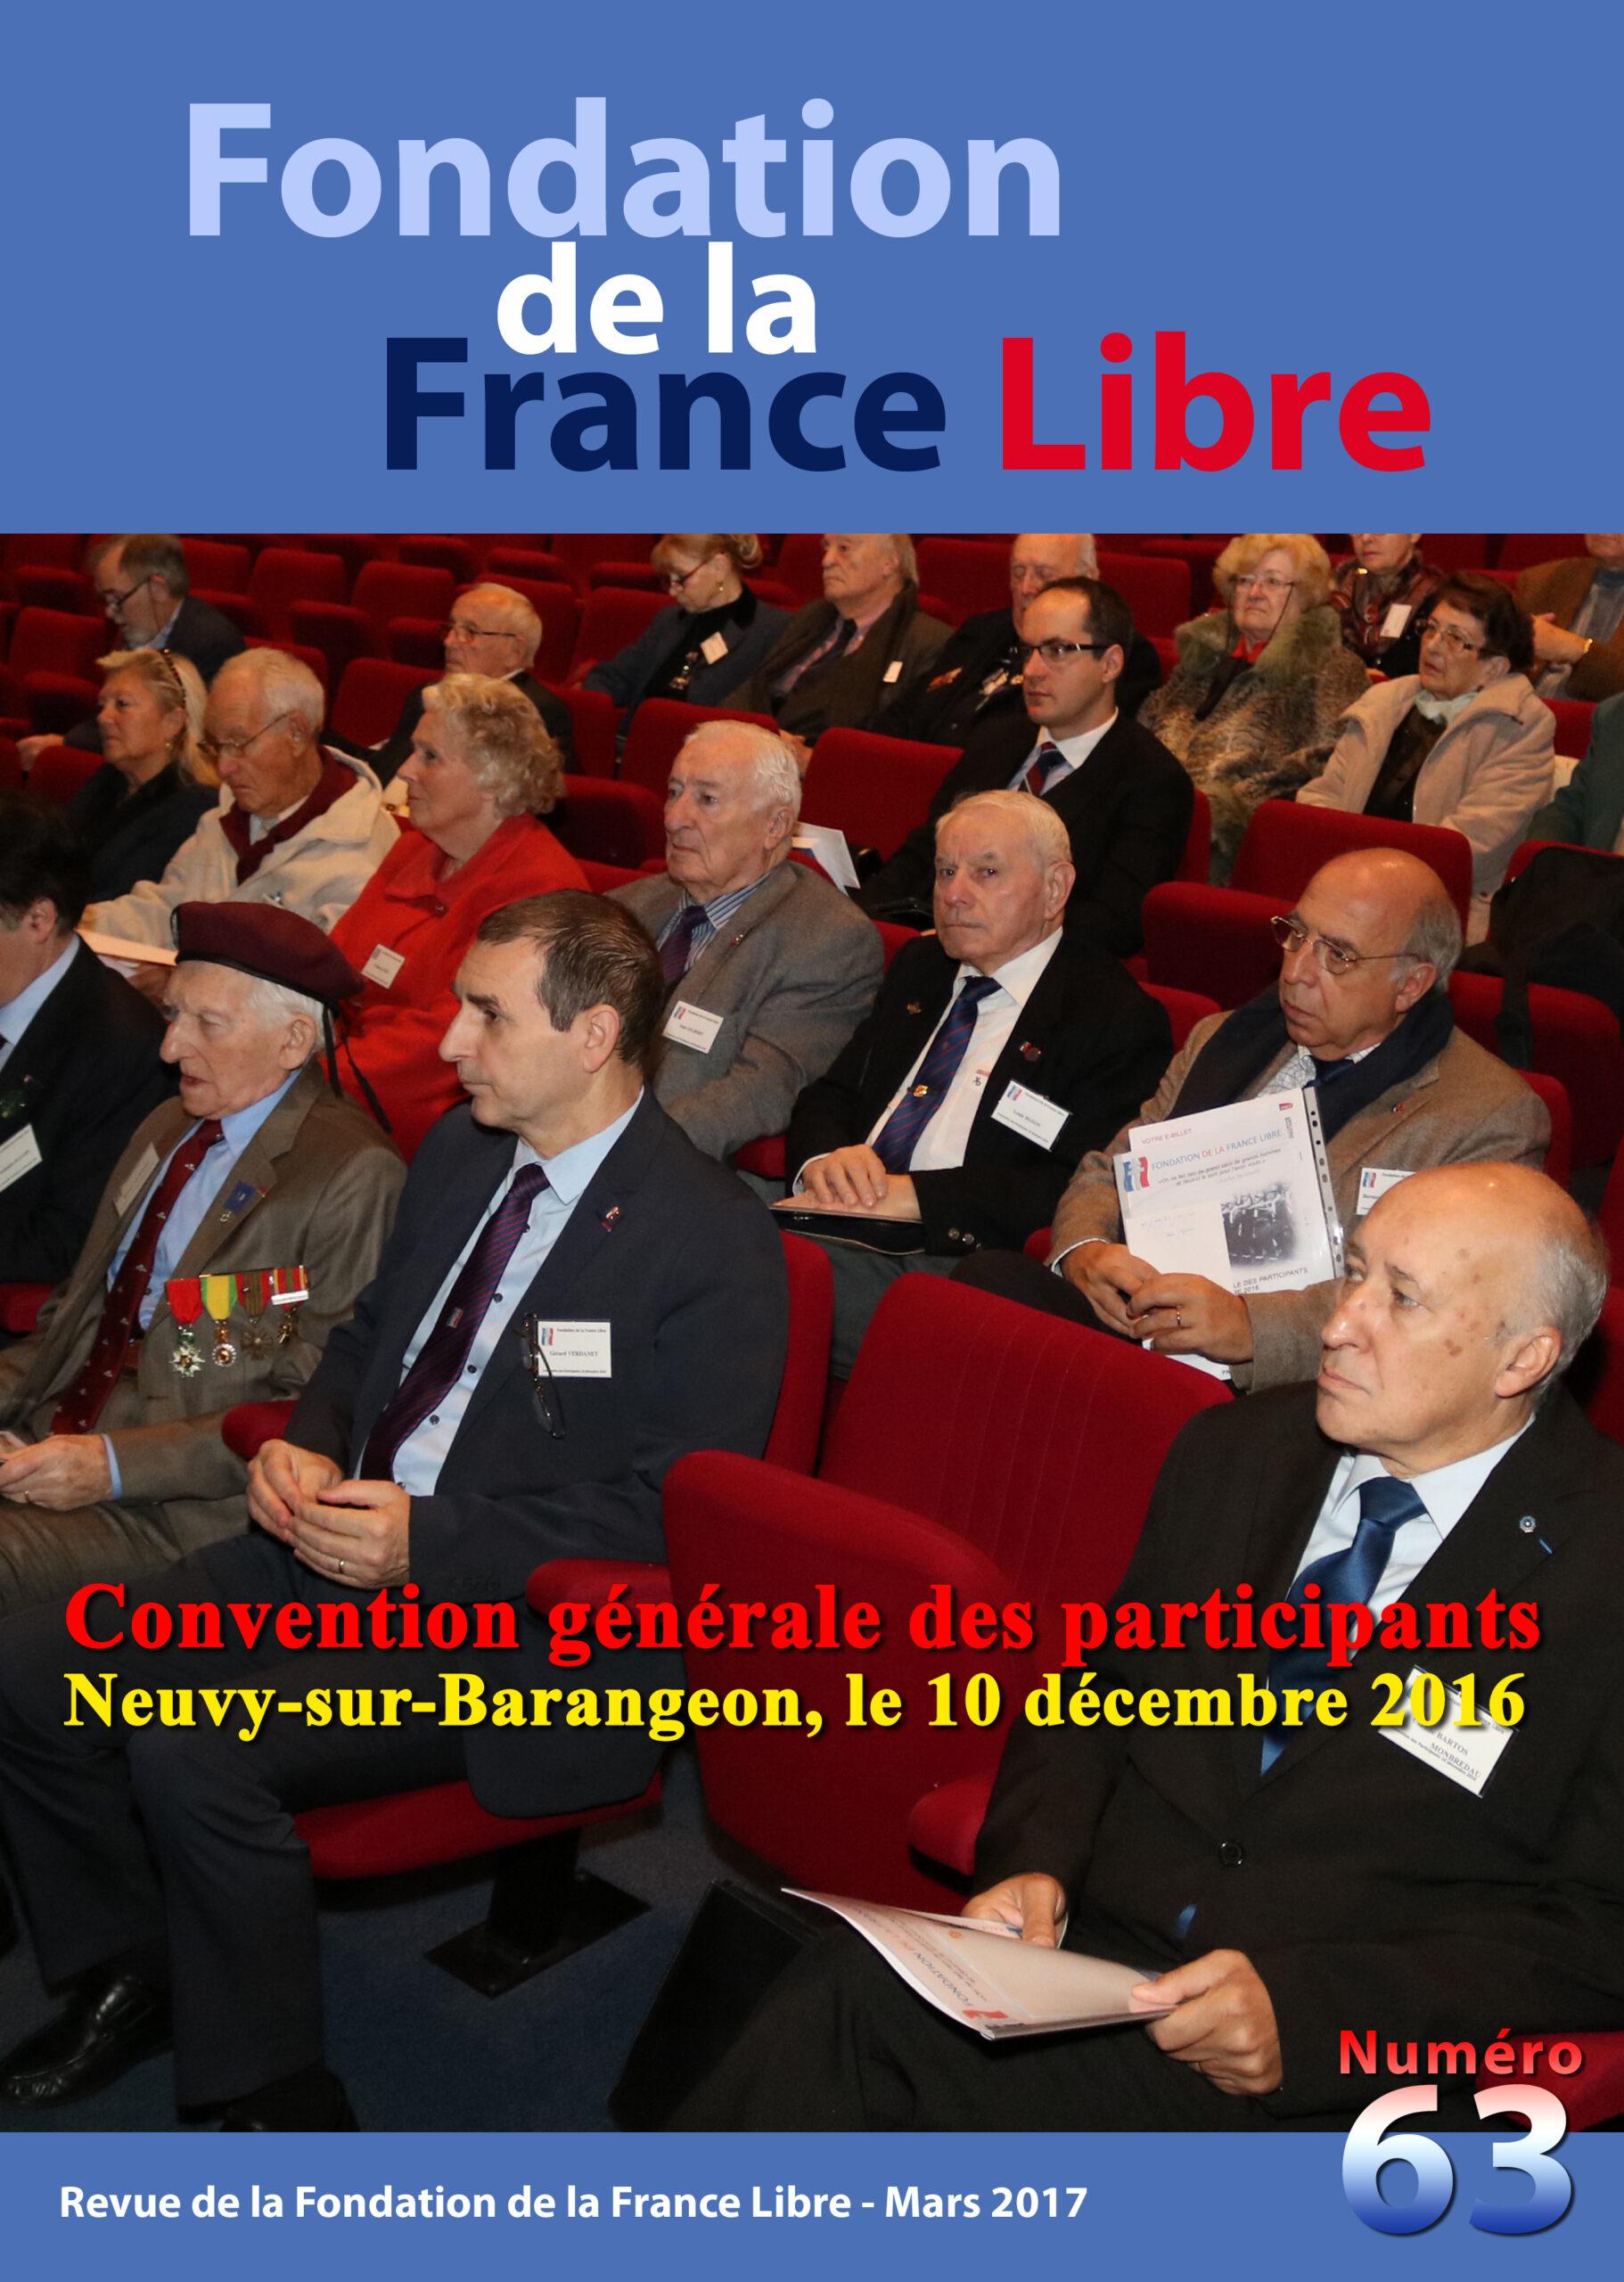 Fondation de la France Libre, n° 63, mars 2017